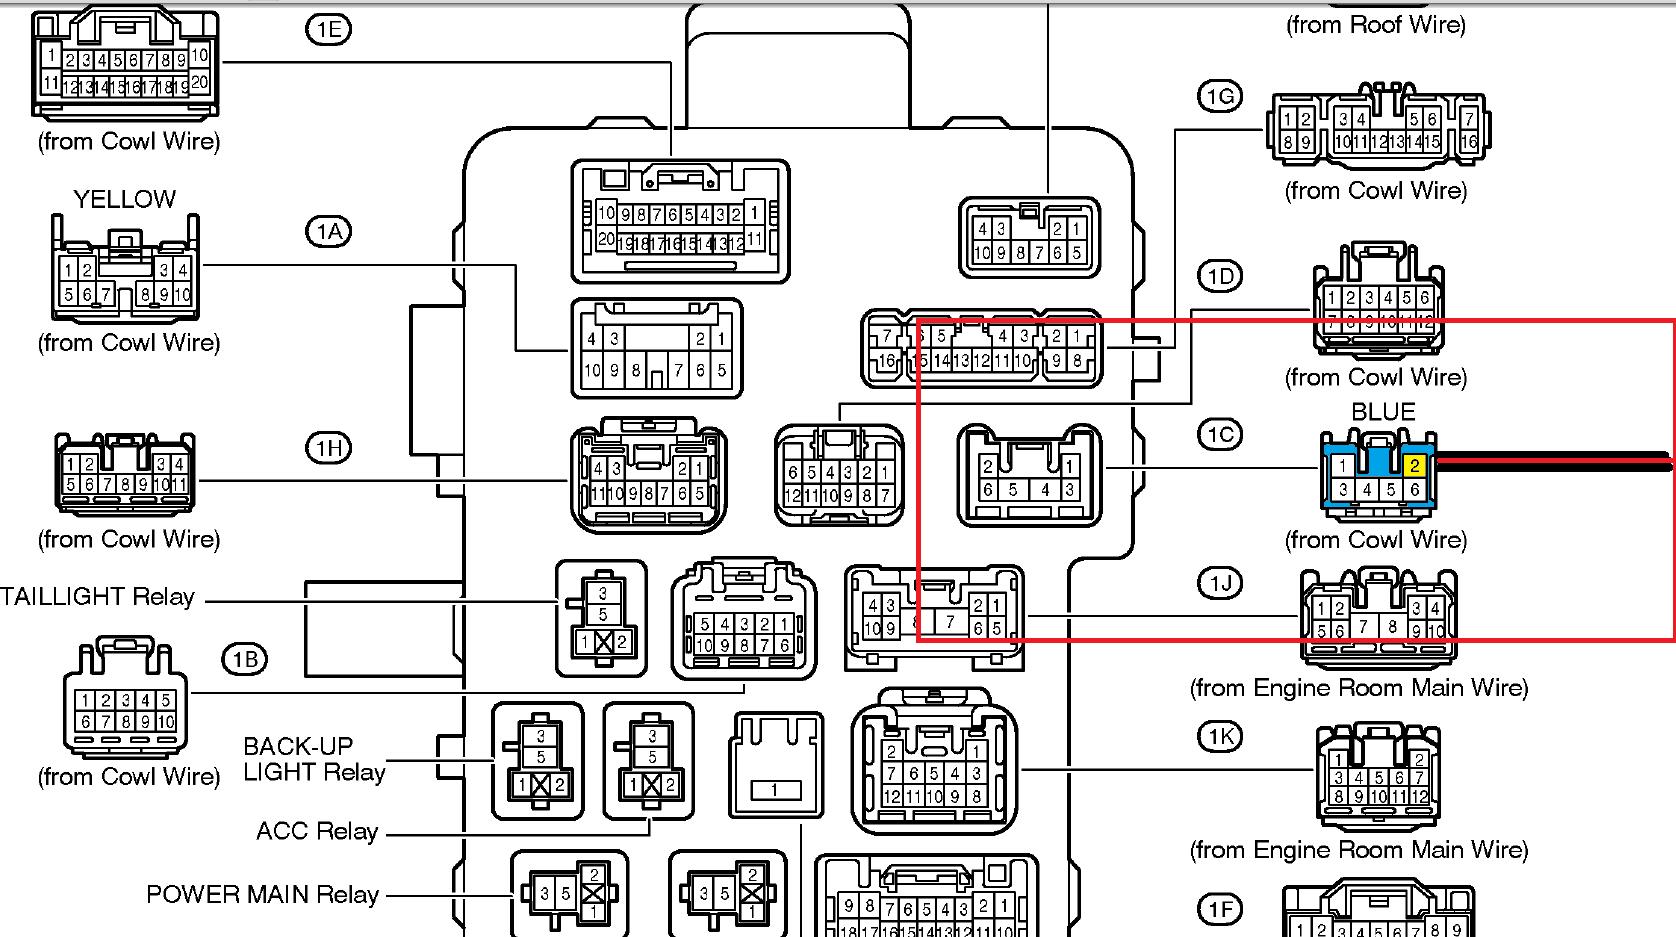 Diagram 2007 Toyota Sequoia Fuse Diagram Full Version Hd Quality Fuse Diagram Stoneswiring2k Atuttasosta It